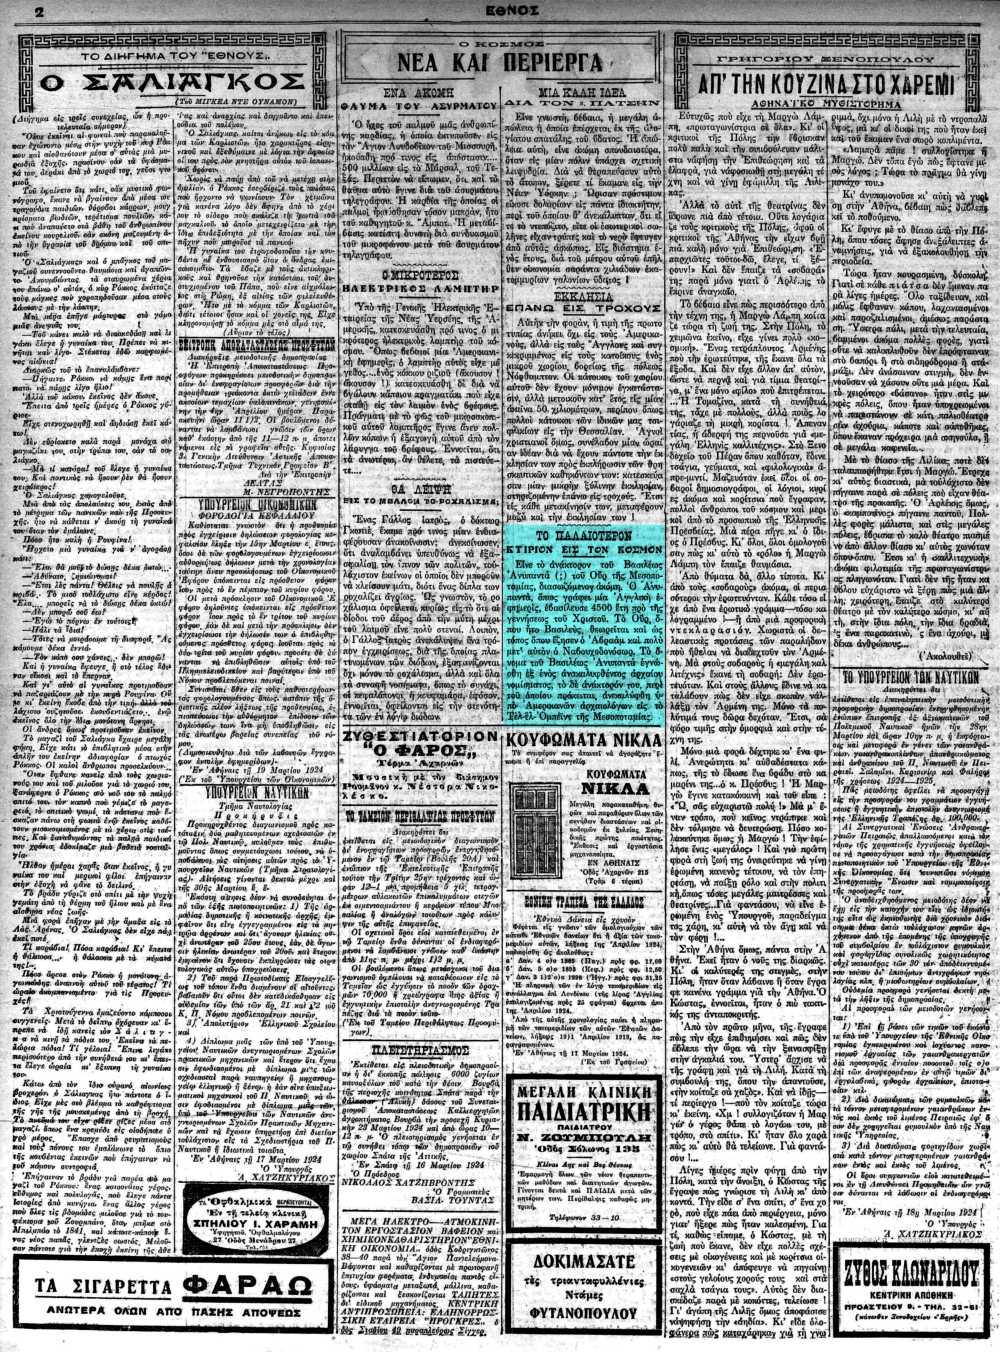 """Το άρθρο, όπως δημοσιεύθηκε στην εφημερίδα """"ΕΘΝΟΣ"""", στις 21/03/1924"""